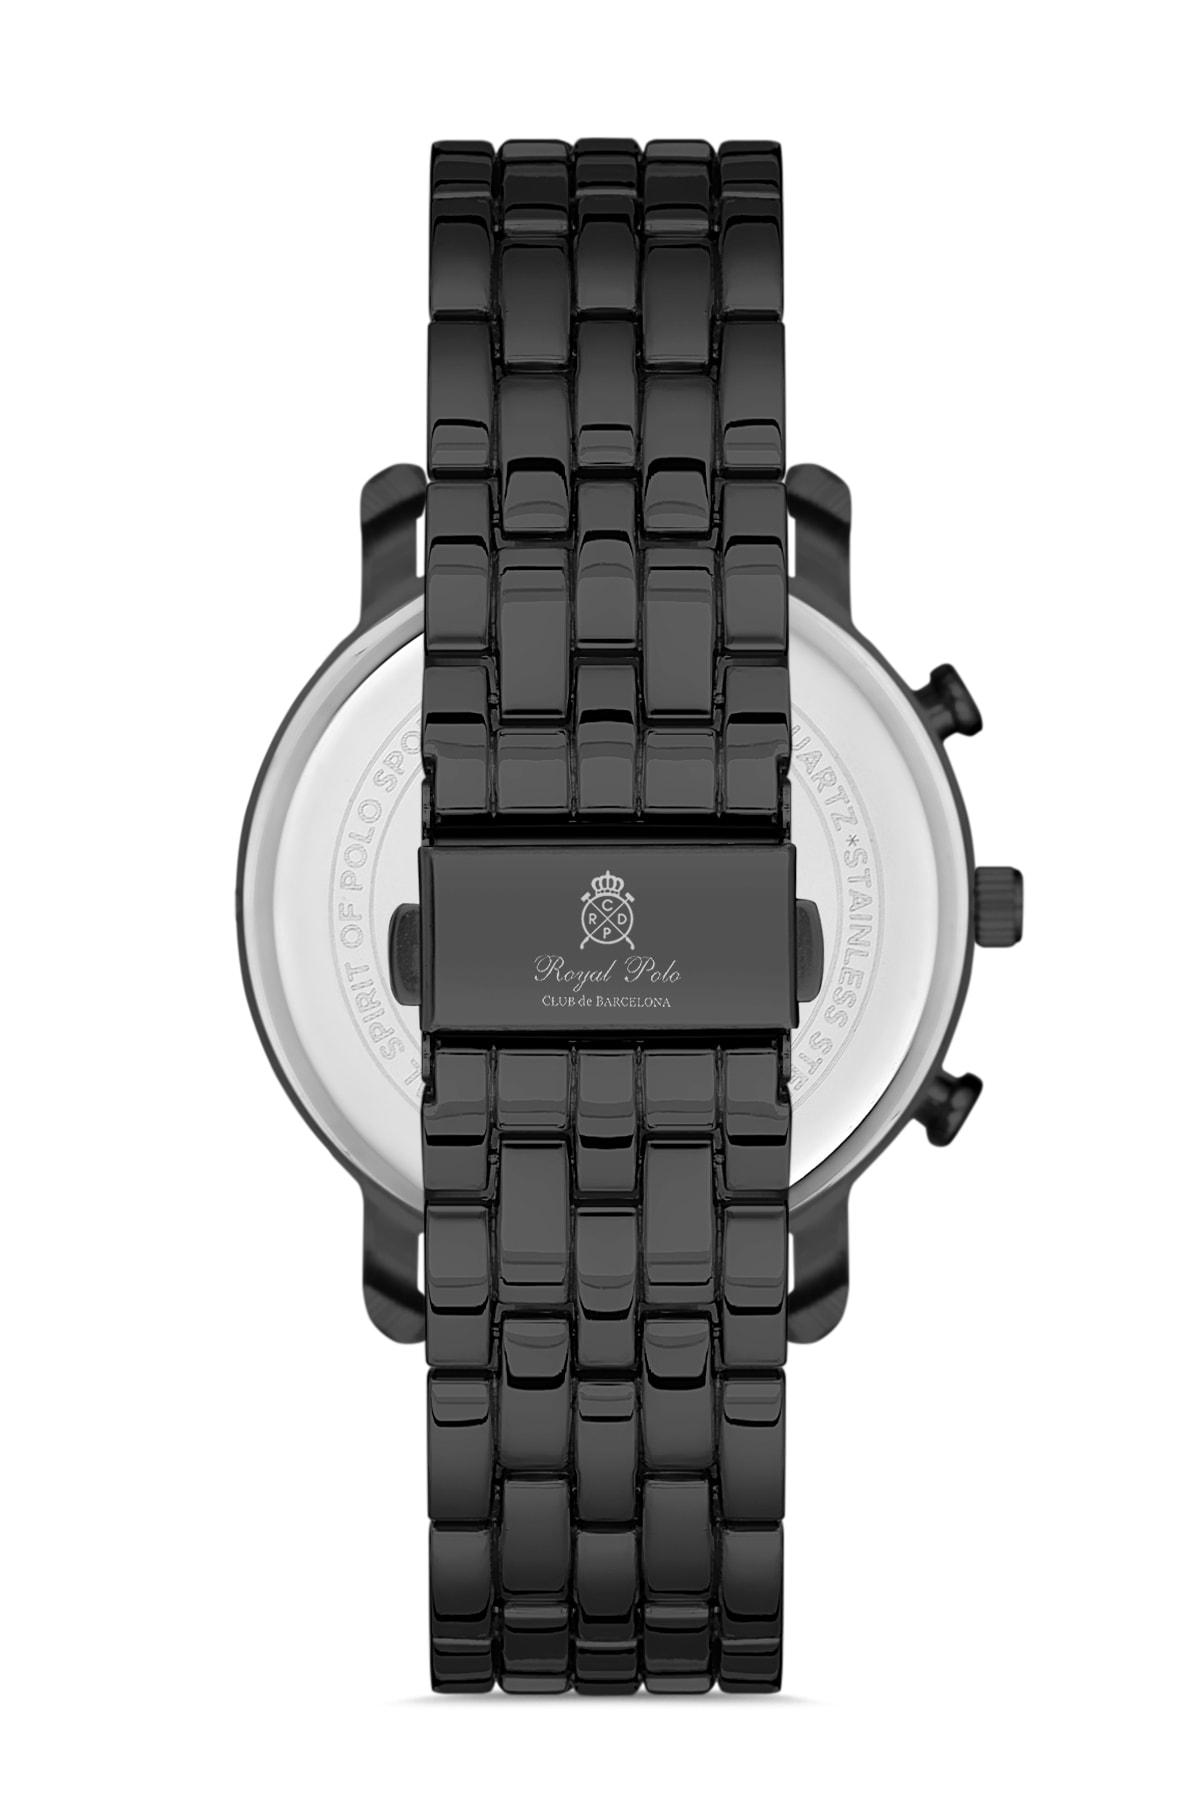 خرید انلاین ساعت مردانه  برند Royal Club De Polo Barcelona رنگ مشکی کد ty105374017